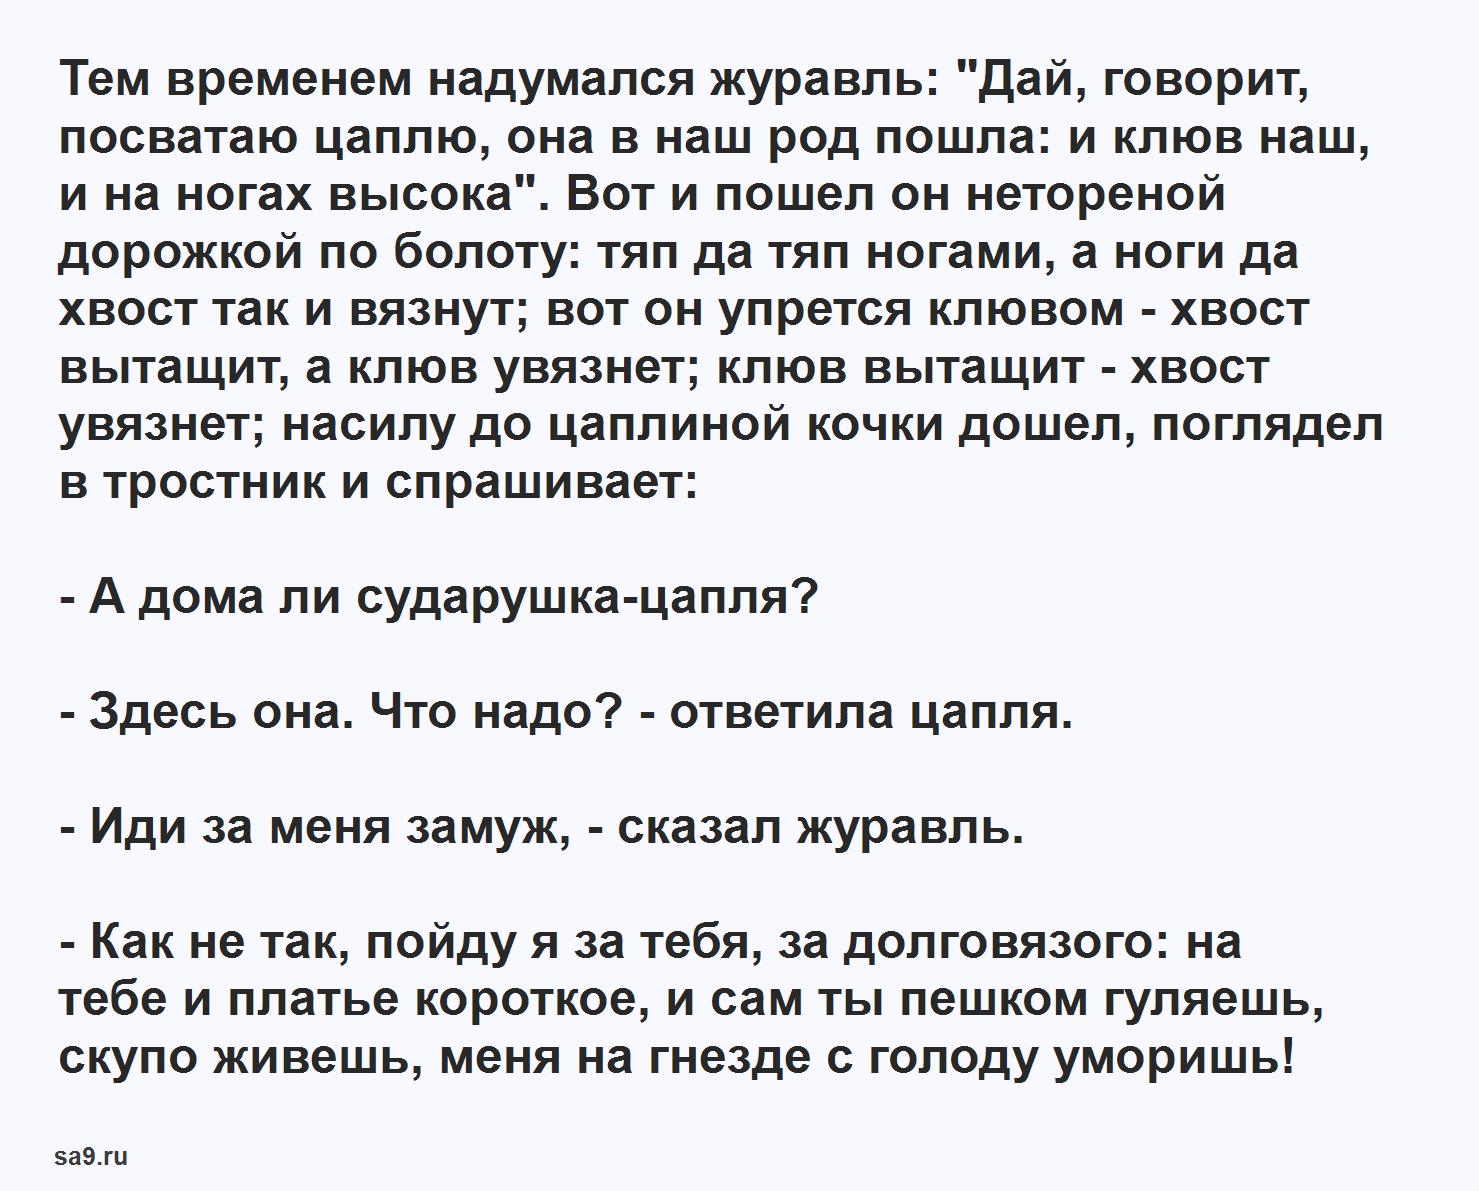 Читать интересную сказку - Журавль и цапля, Даль